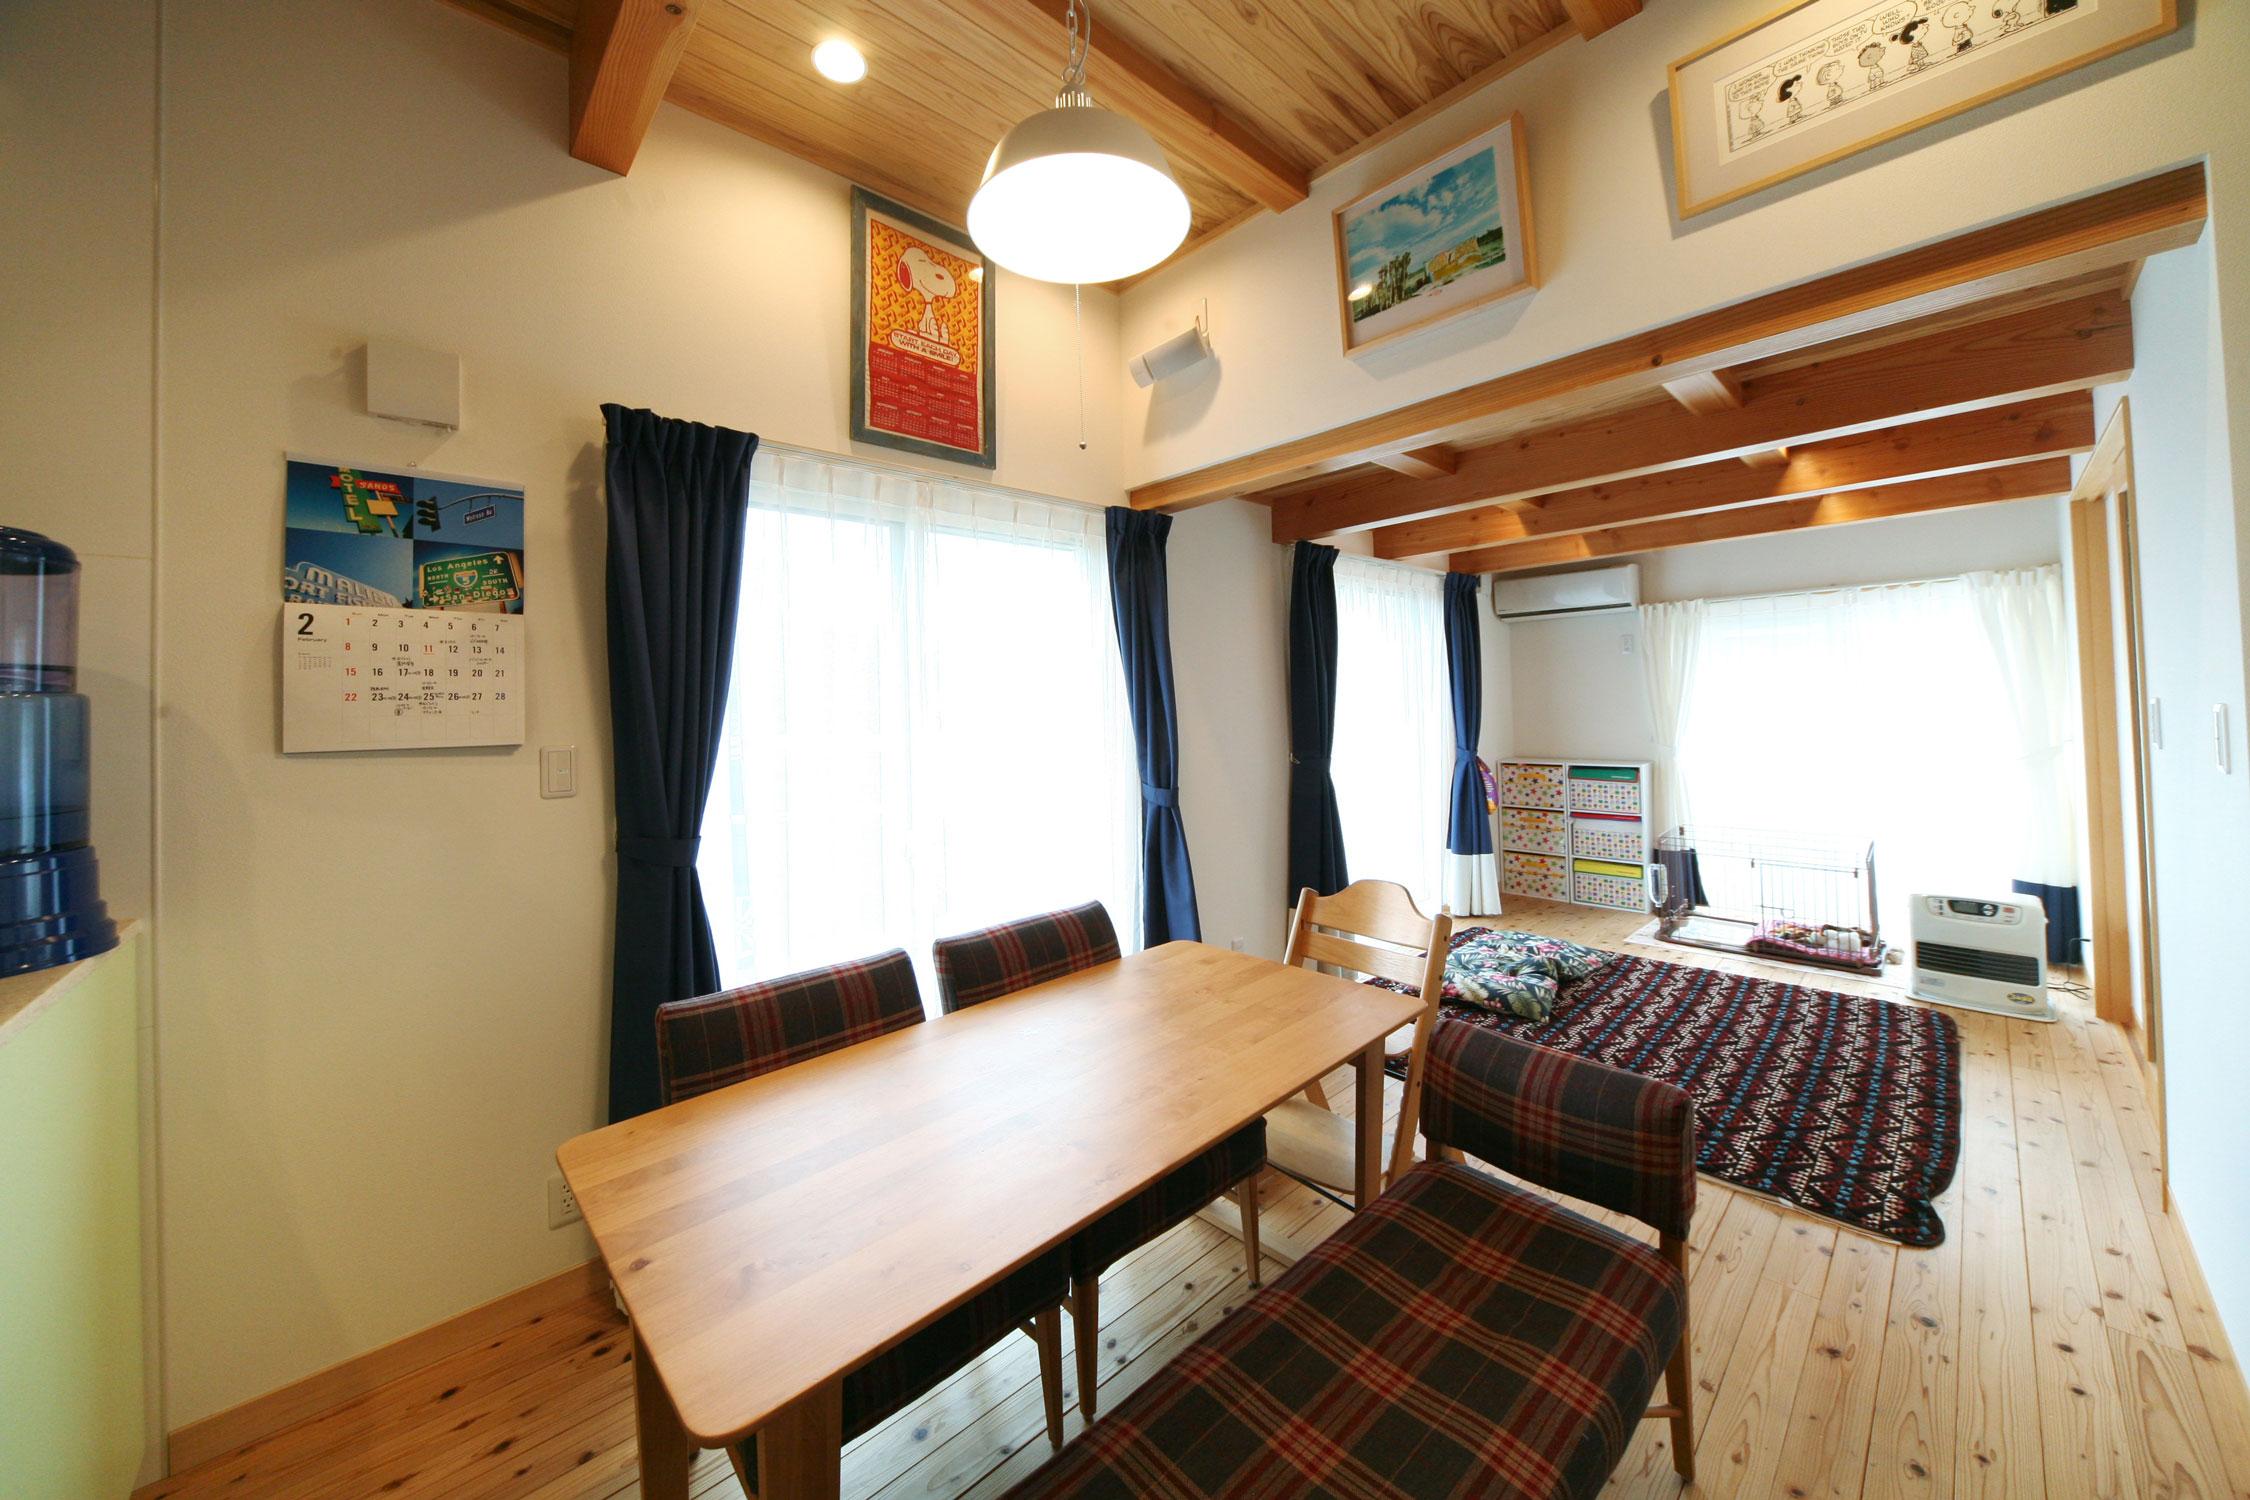 岩田建築【デザイン住宅、趣味、インテリア】高低差のあるLDKの板張り天井。低い天井の上部が、中2階のファミリールームに